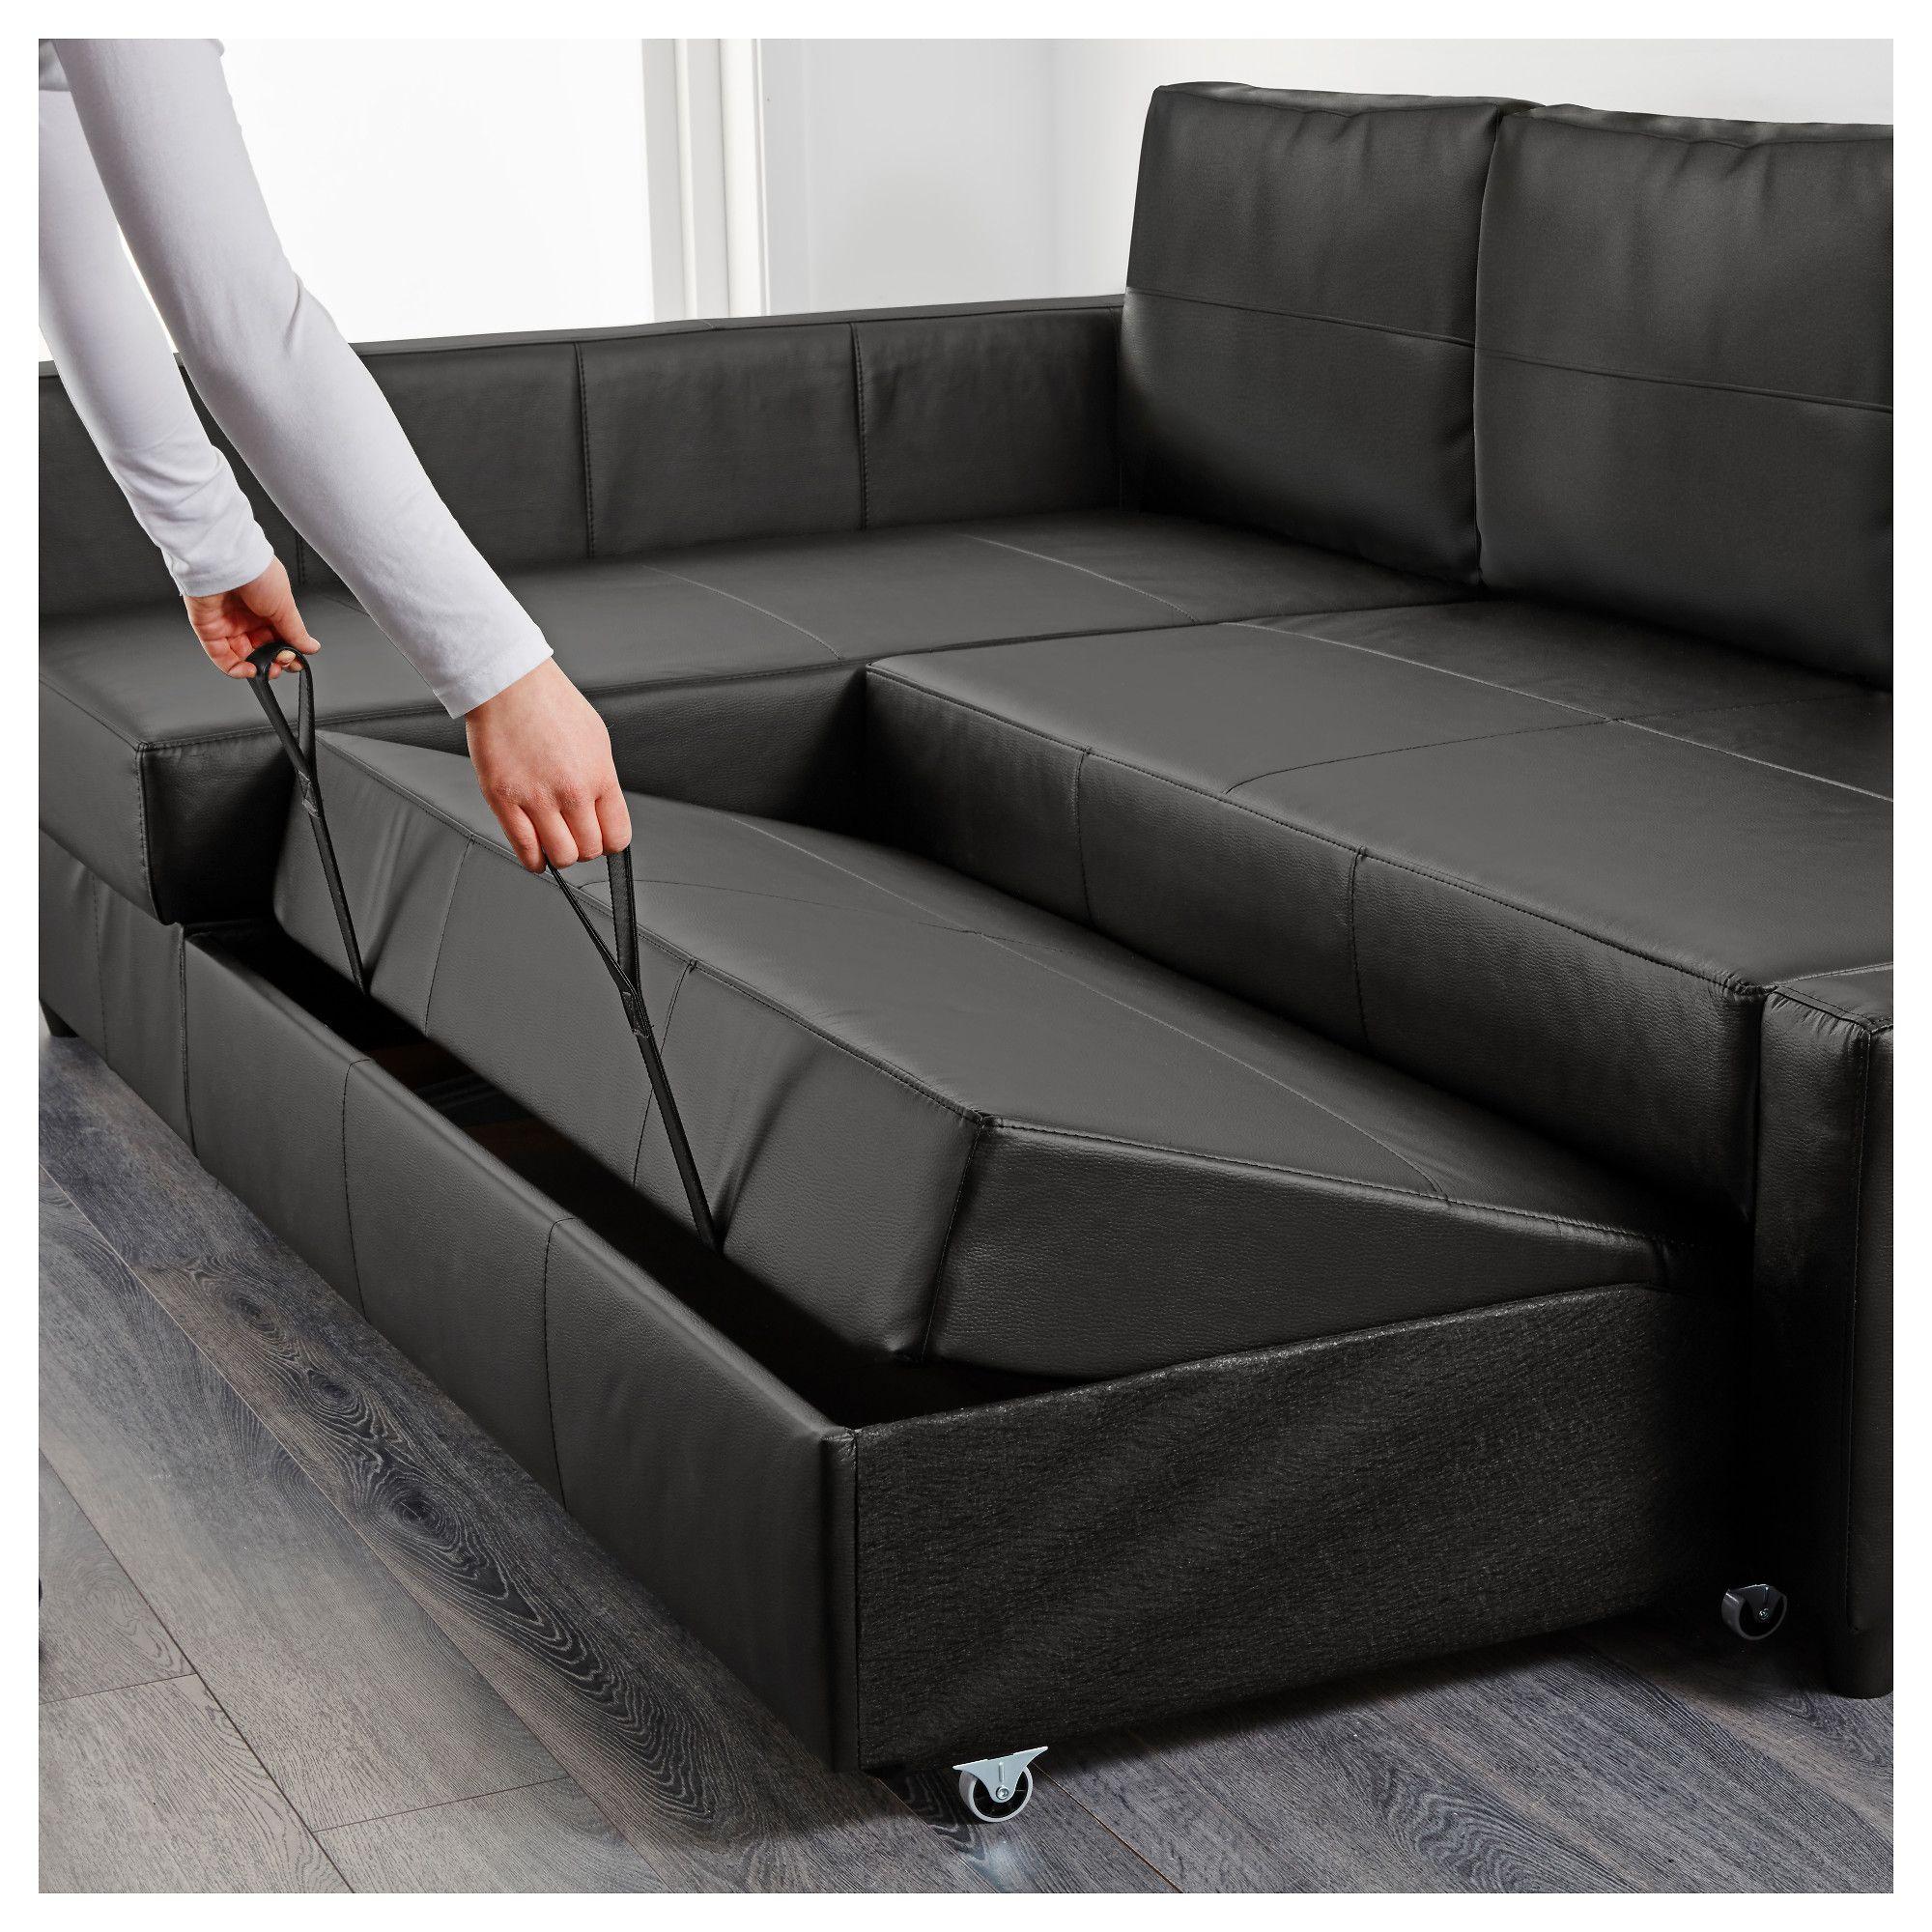 black leather sofa bed argos clic clac beds uk ikea friheten corner with storage bomstad